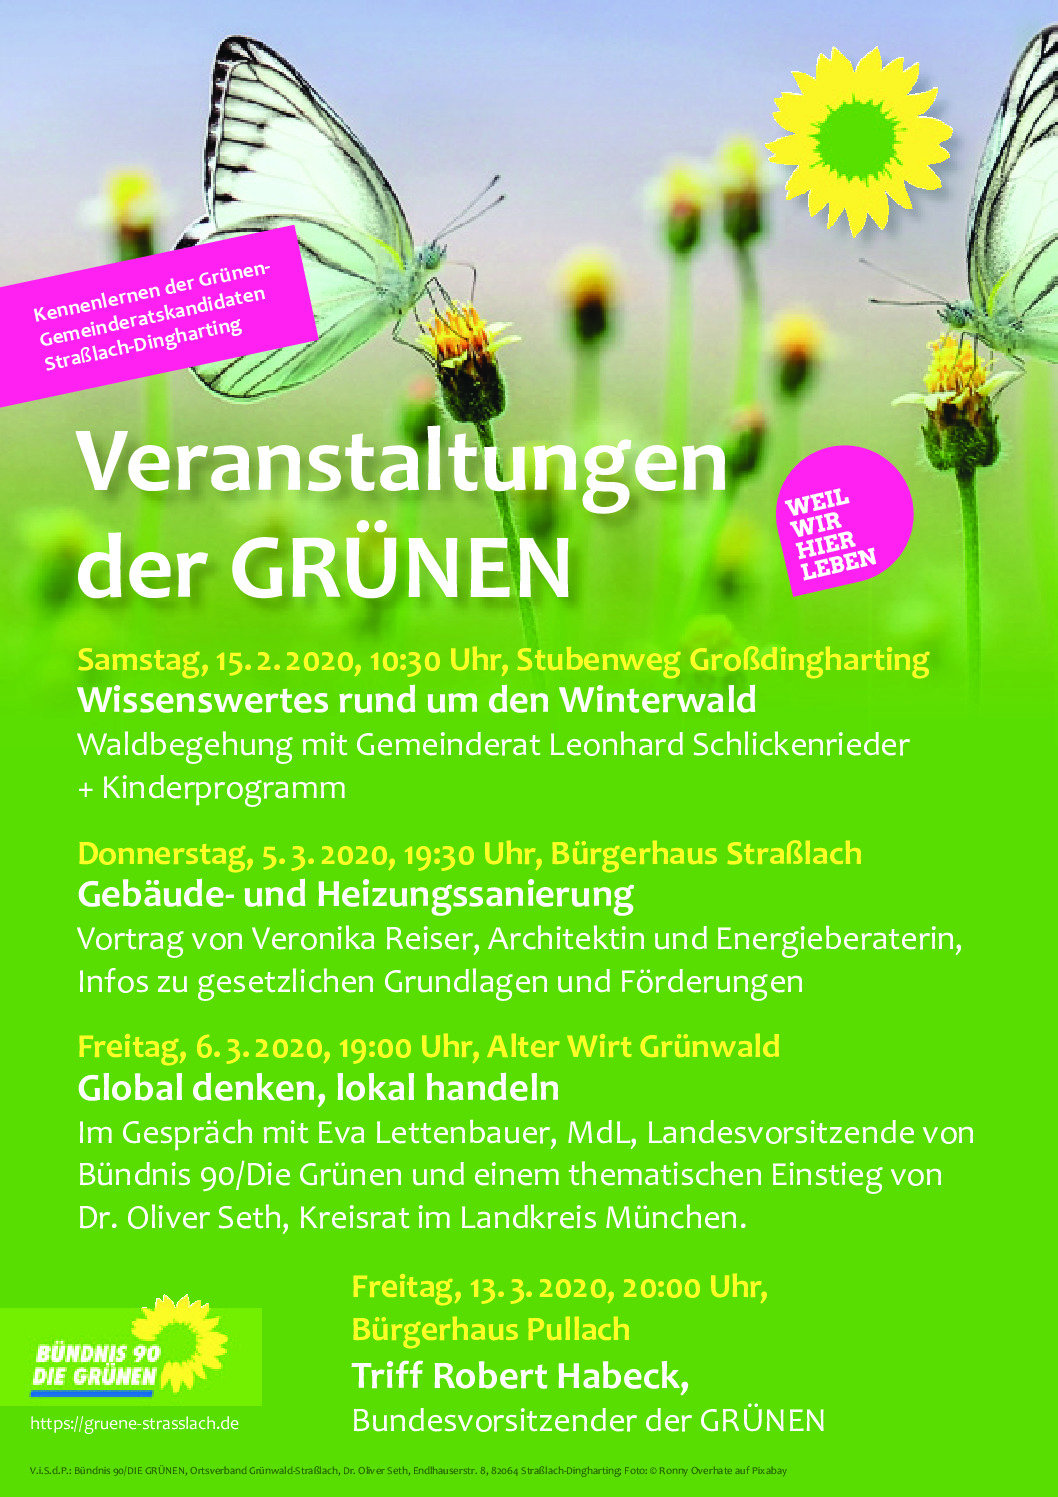 thumbnail of GRUENEN_Veranstaltungen_2